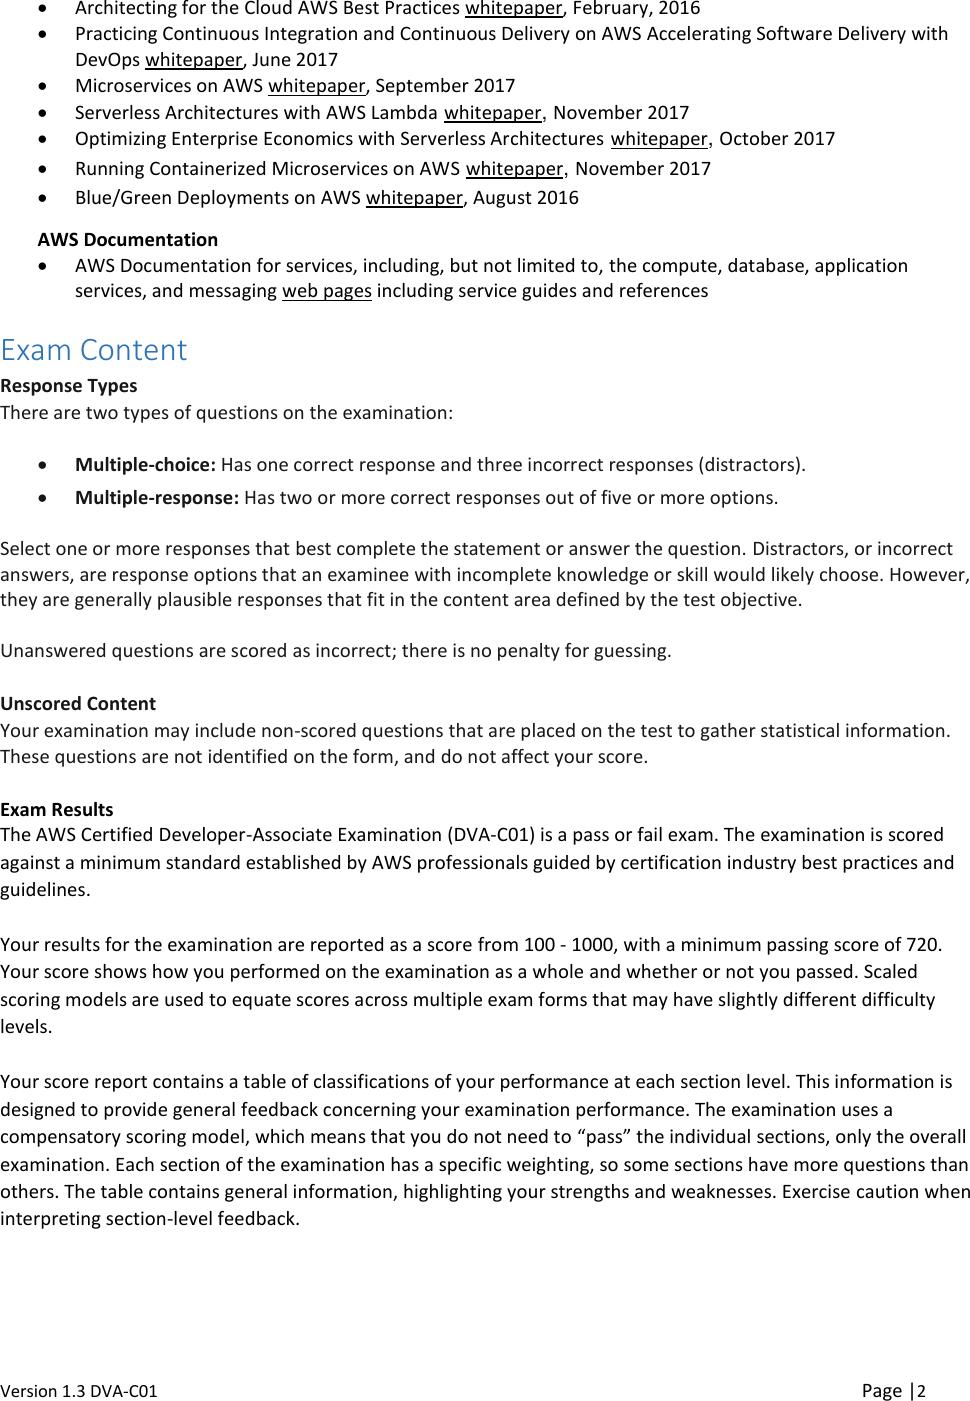 AWS Certified Developer Associate Updated June 2018 Exam